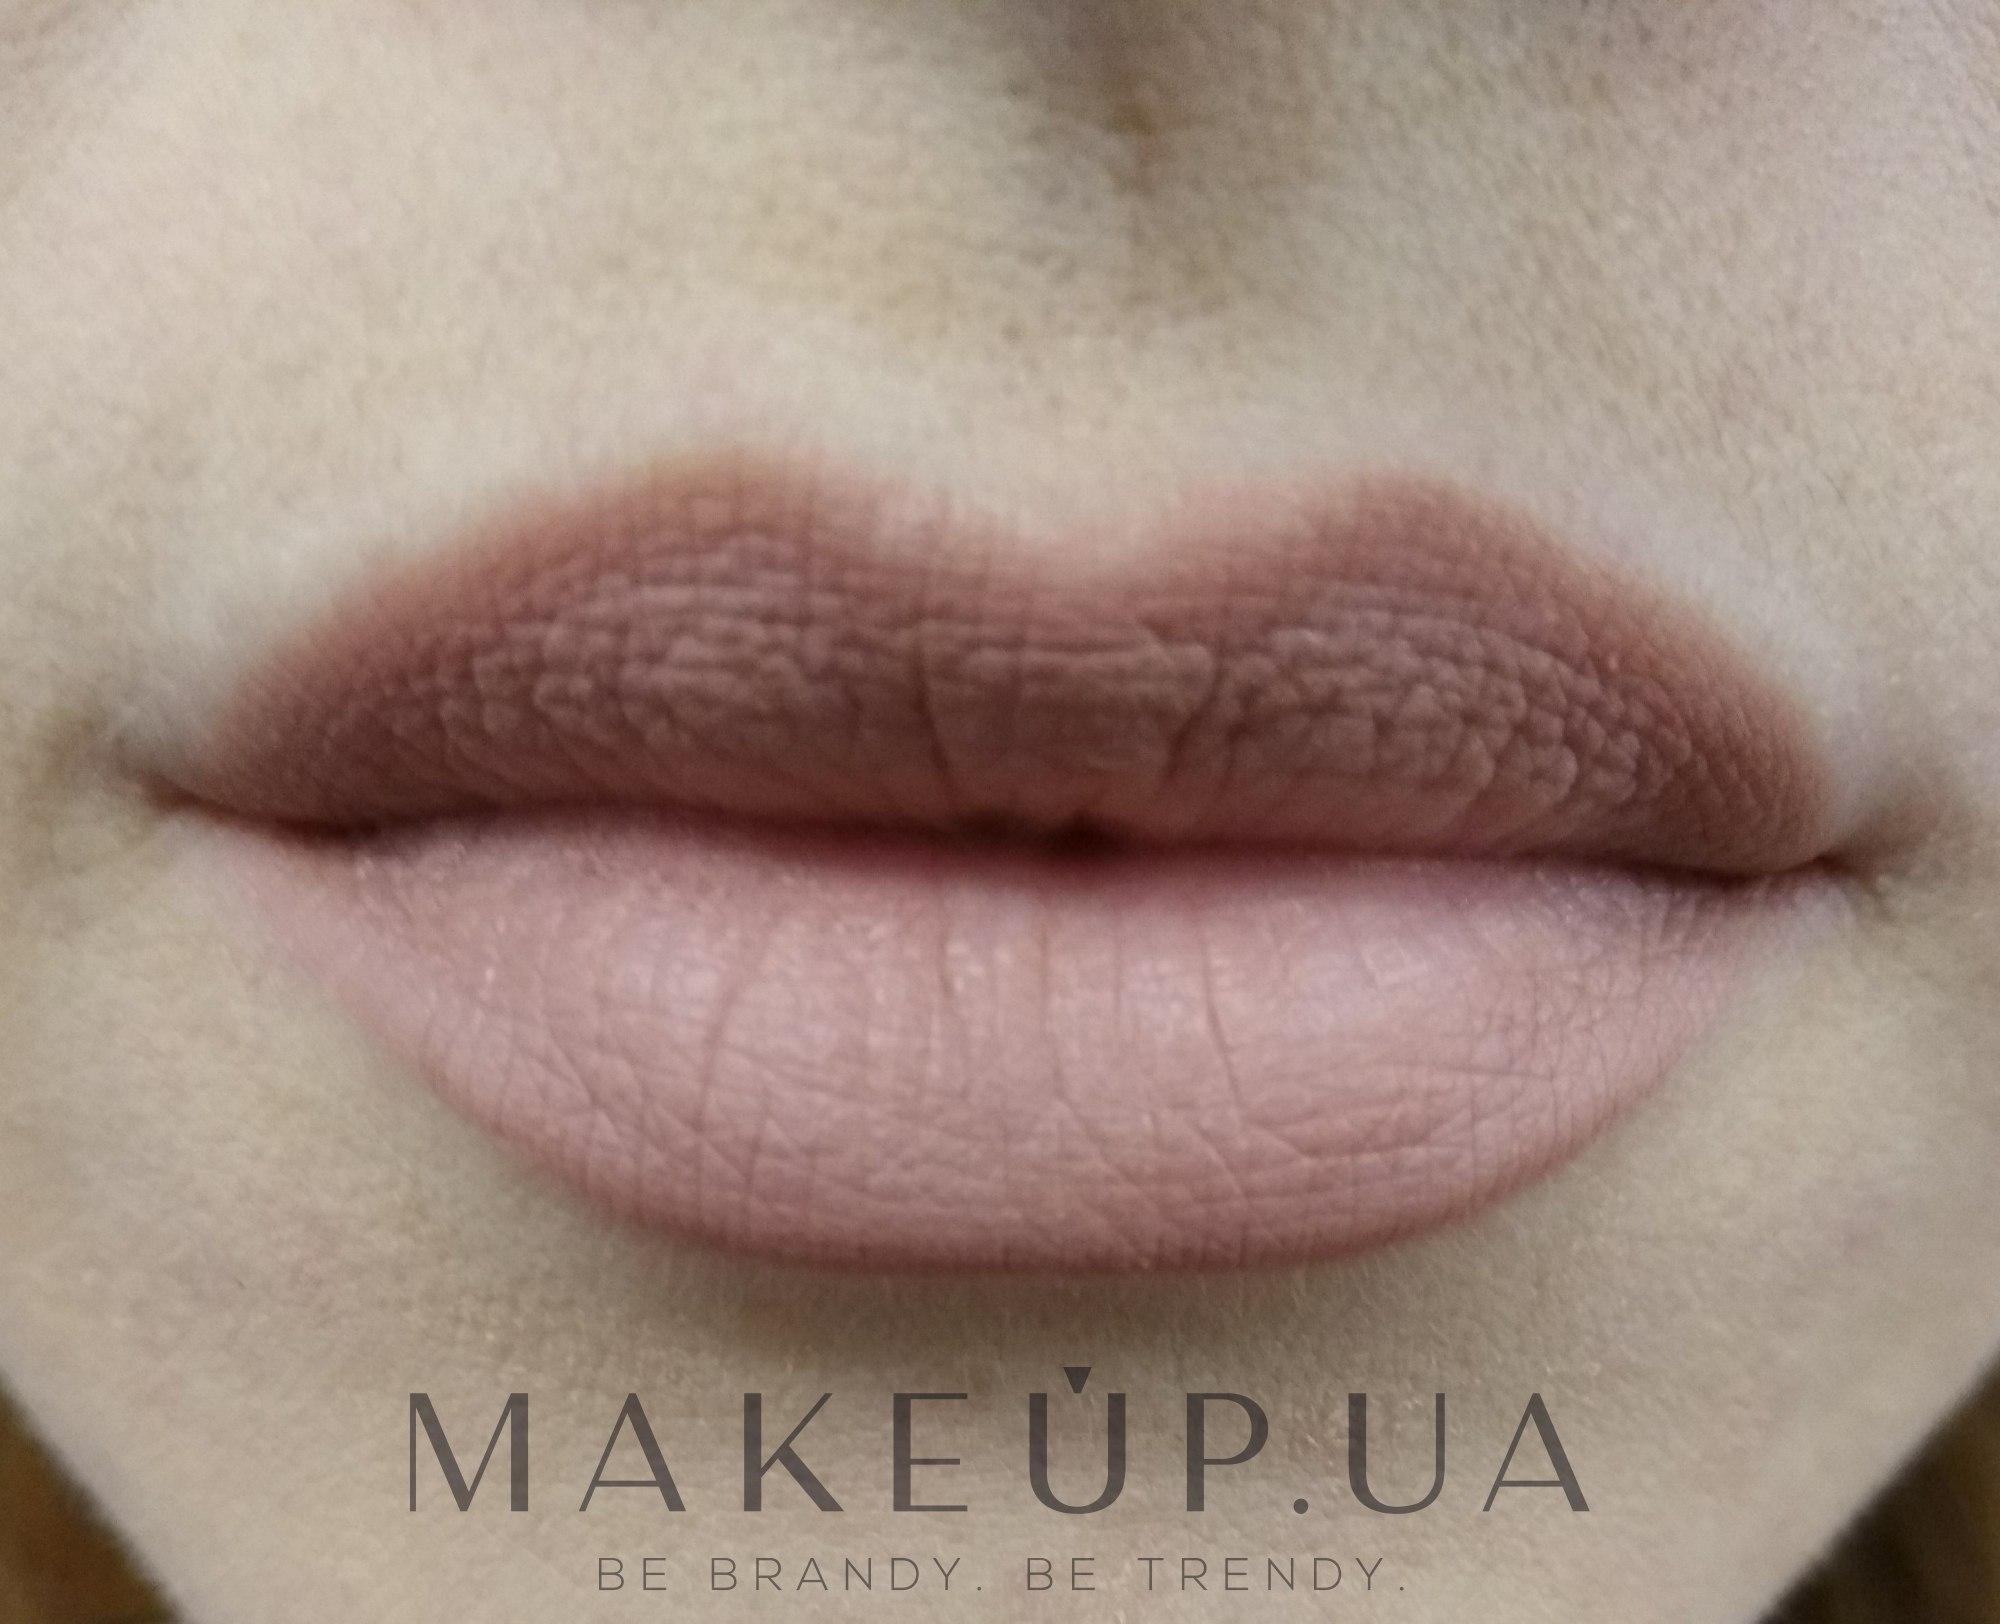 Makeup жидкая матовая губная помада Farmasi Velvet Matte Liquid